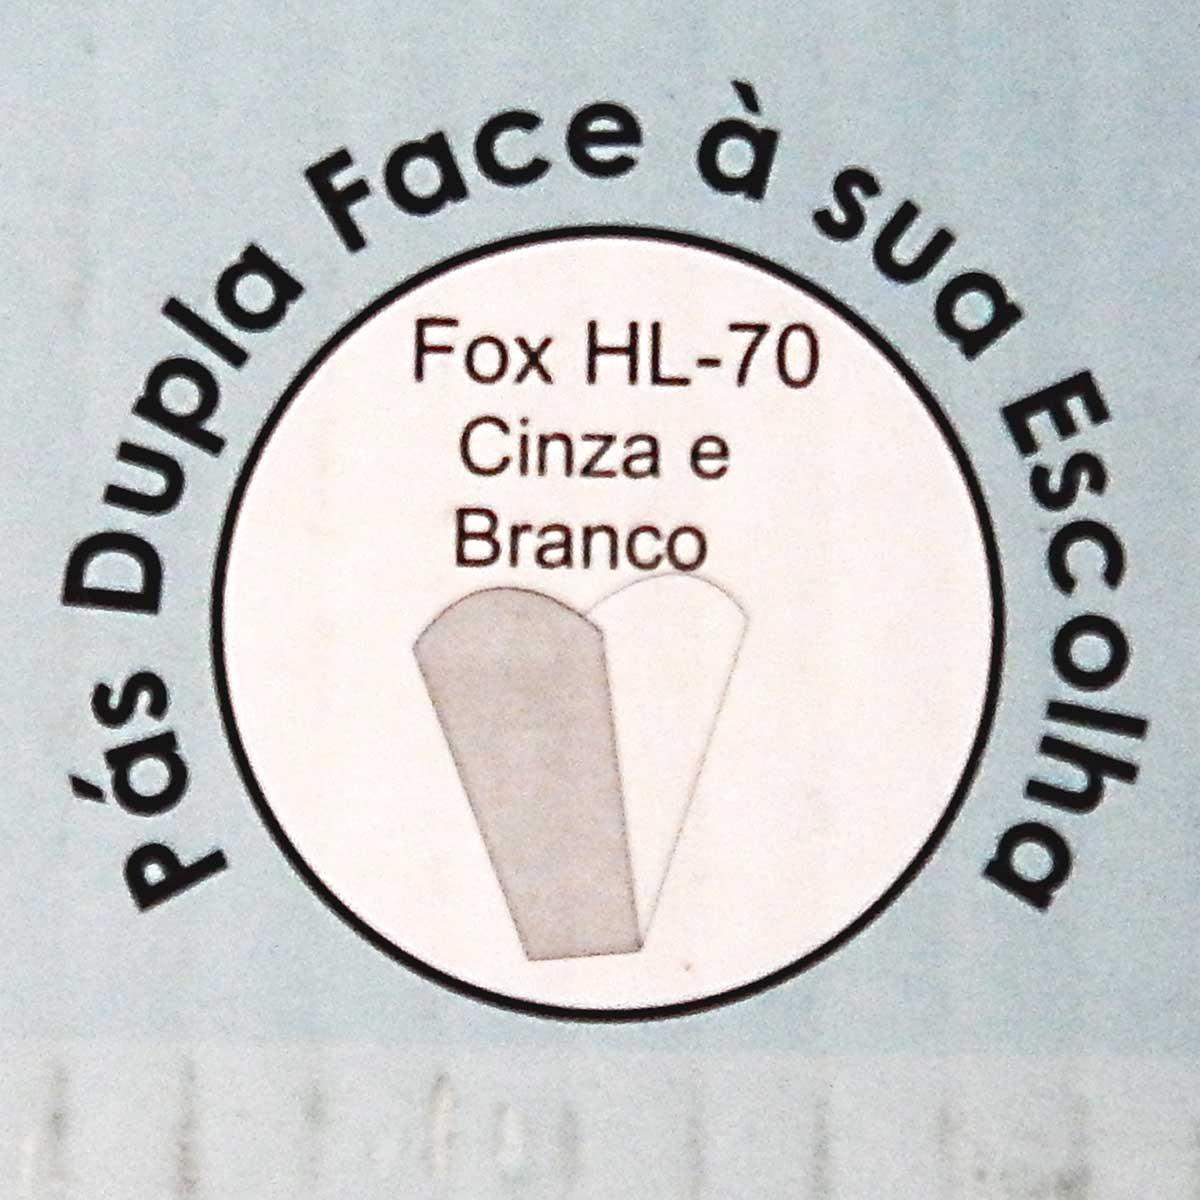 Ventilador Hl-70 Com Controle De Parede 2 Lampadas E-27 3 Pas Dupla Face (Branco/Cinza) 110v